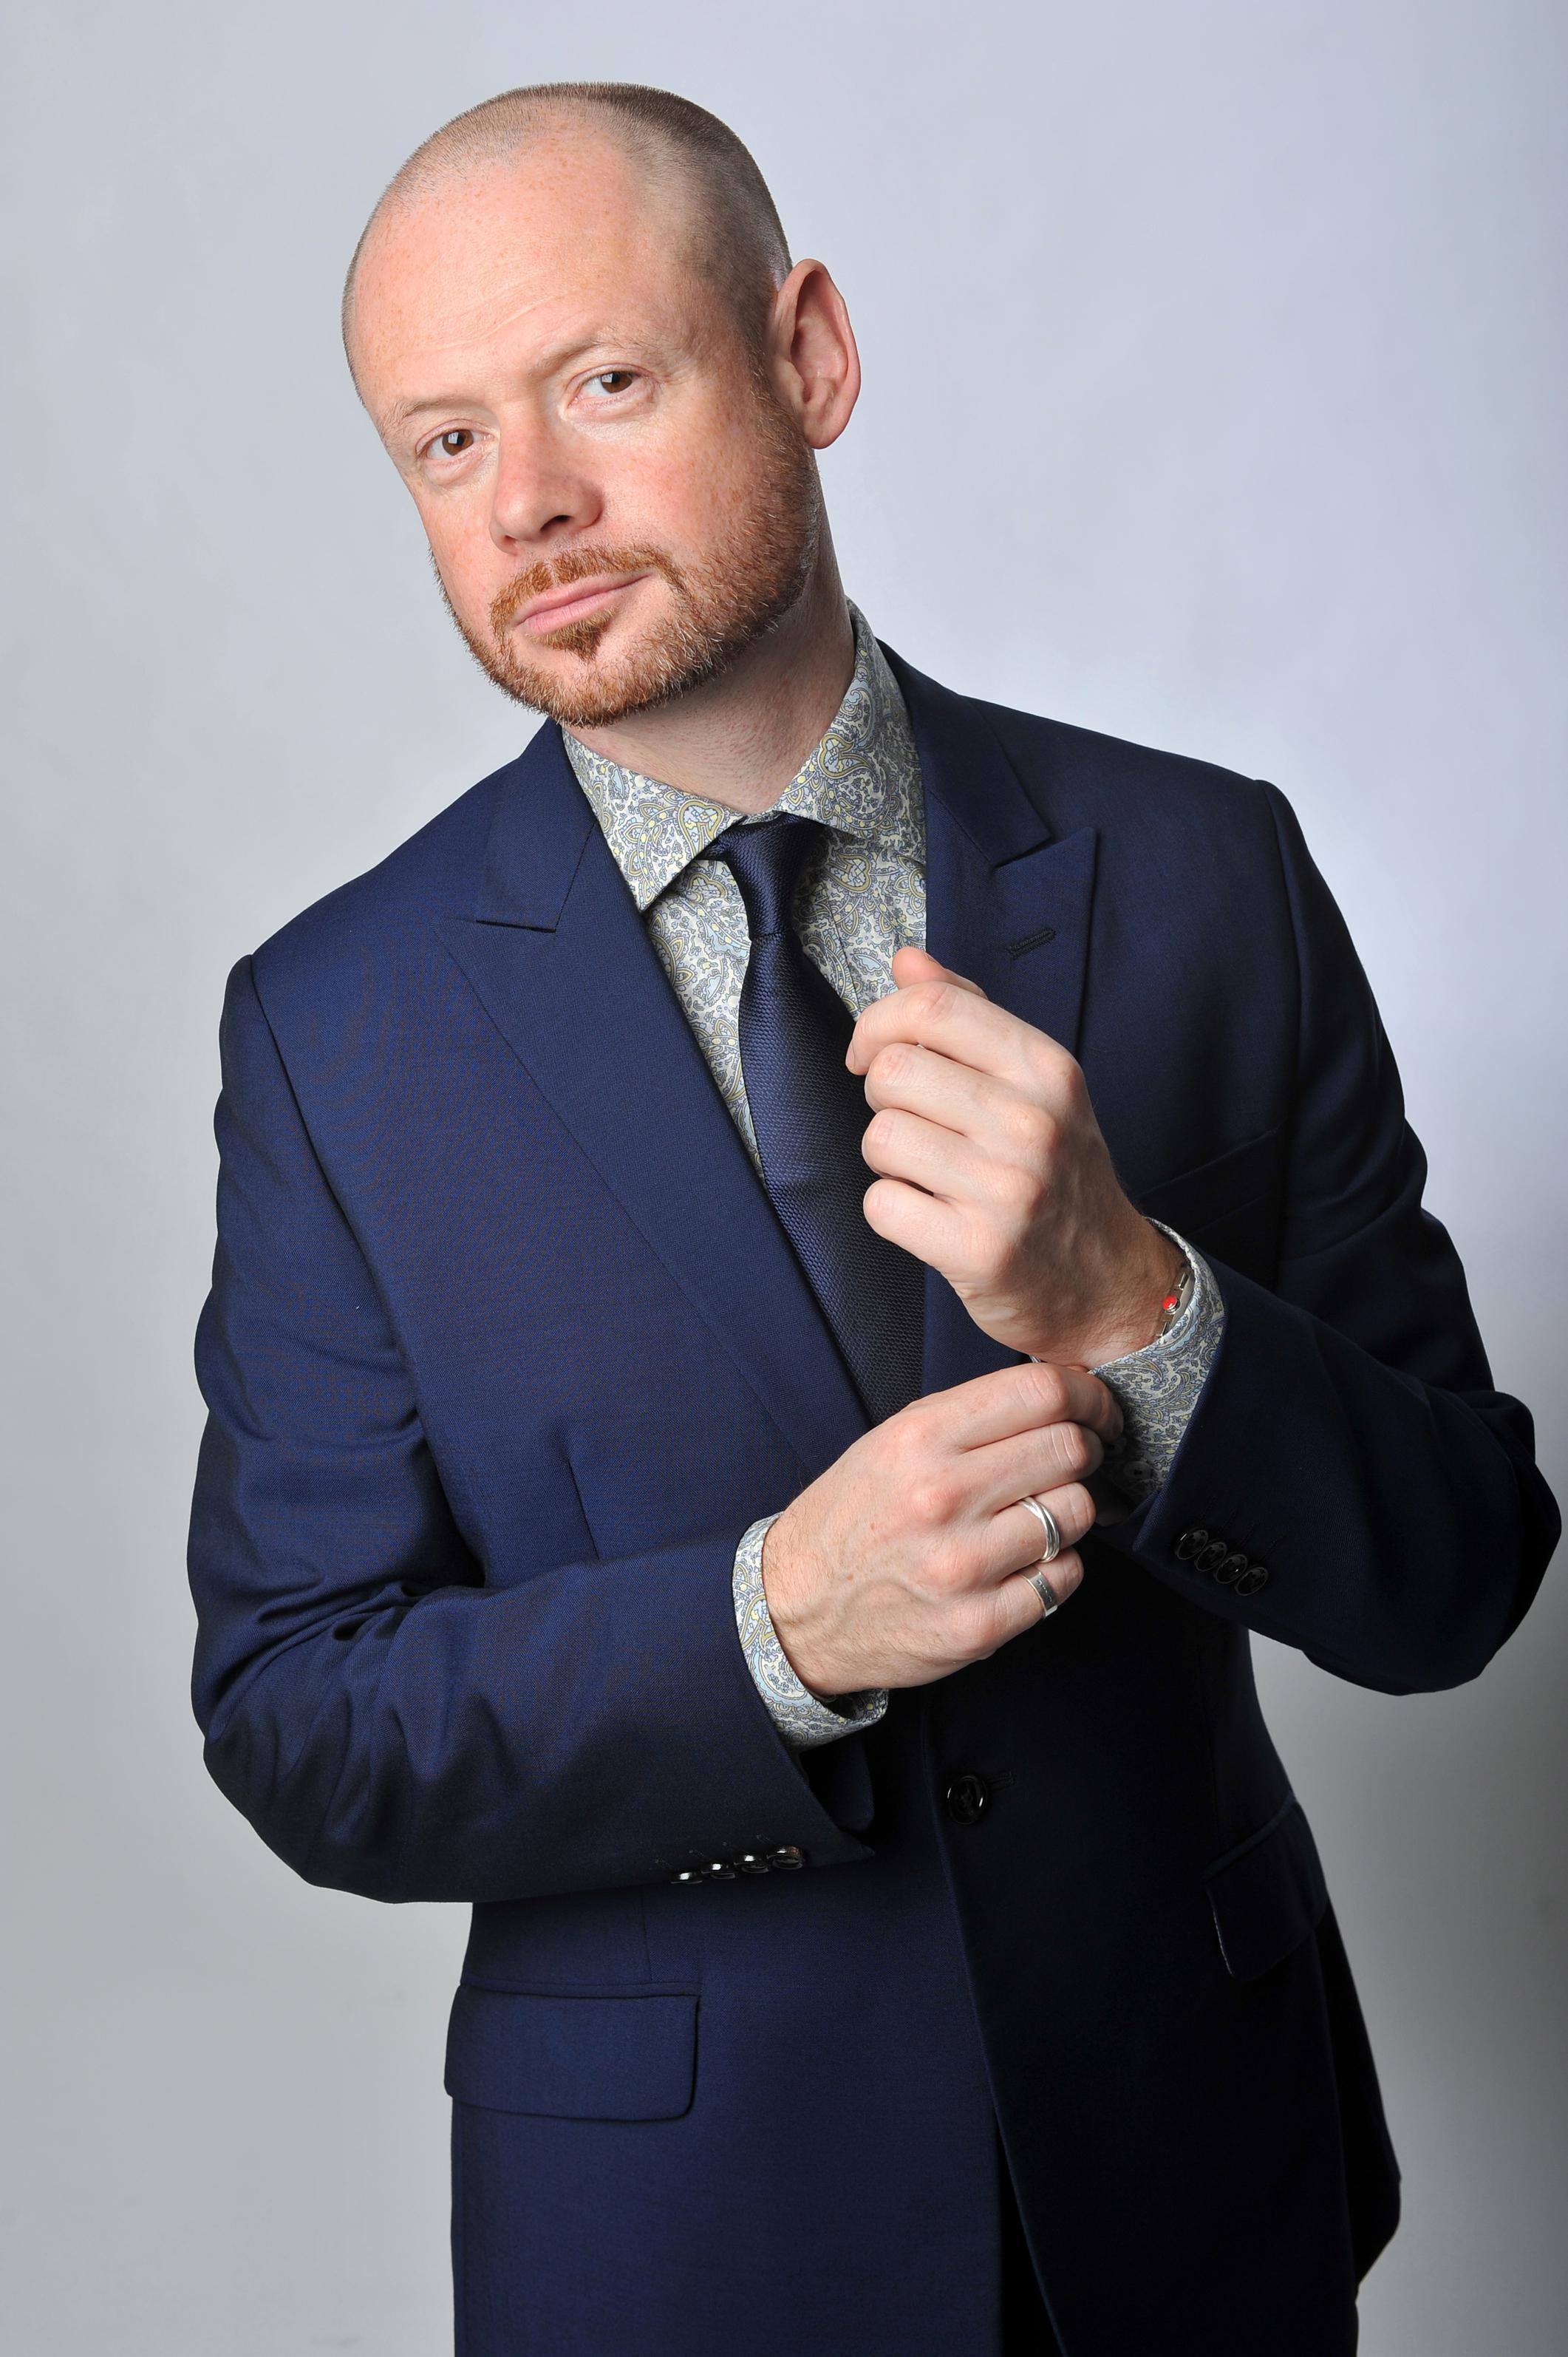 Alistair Barrie Hebden